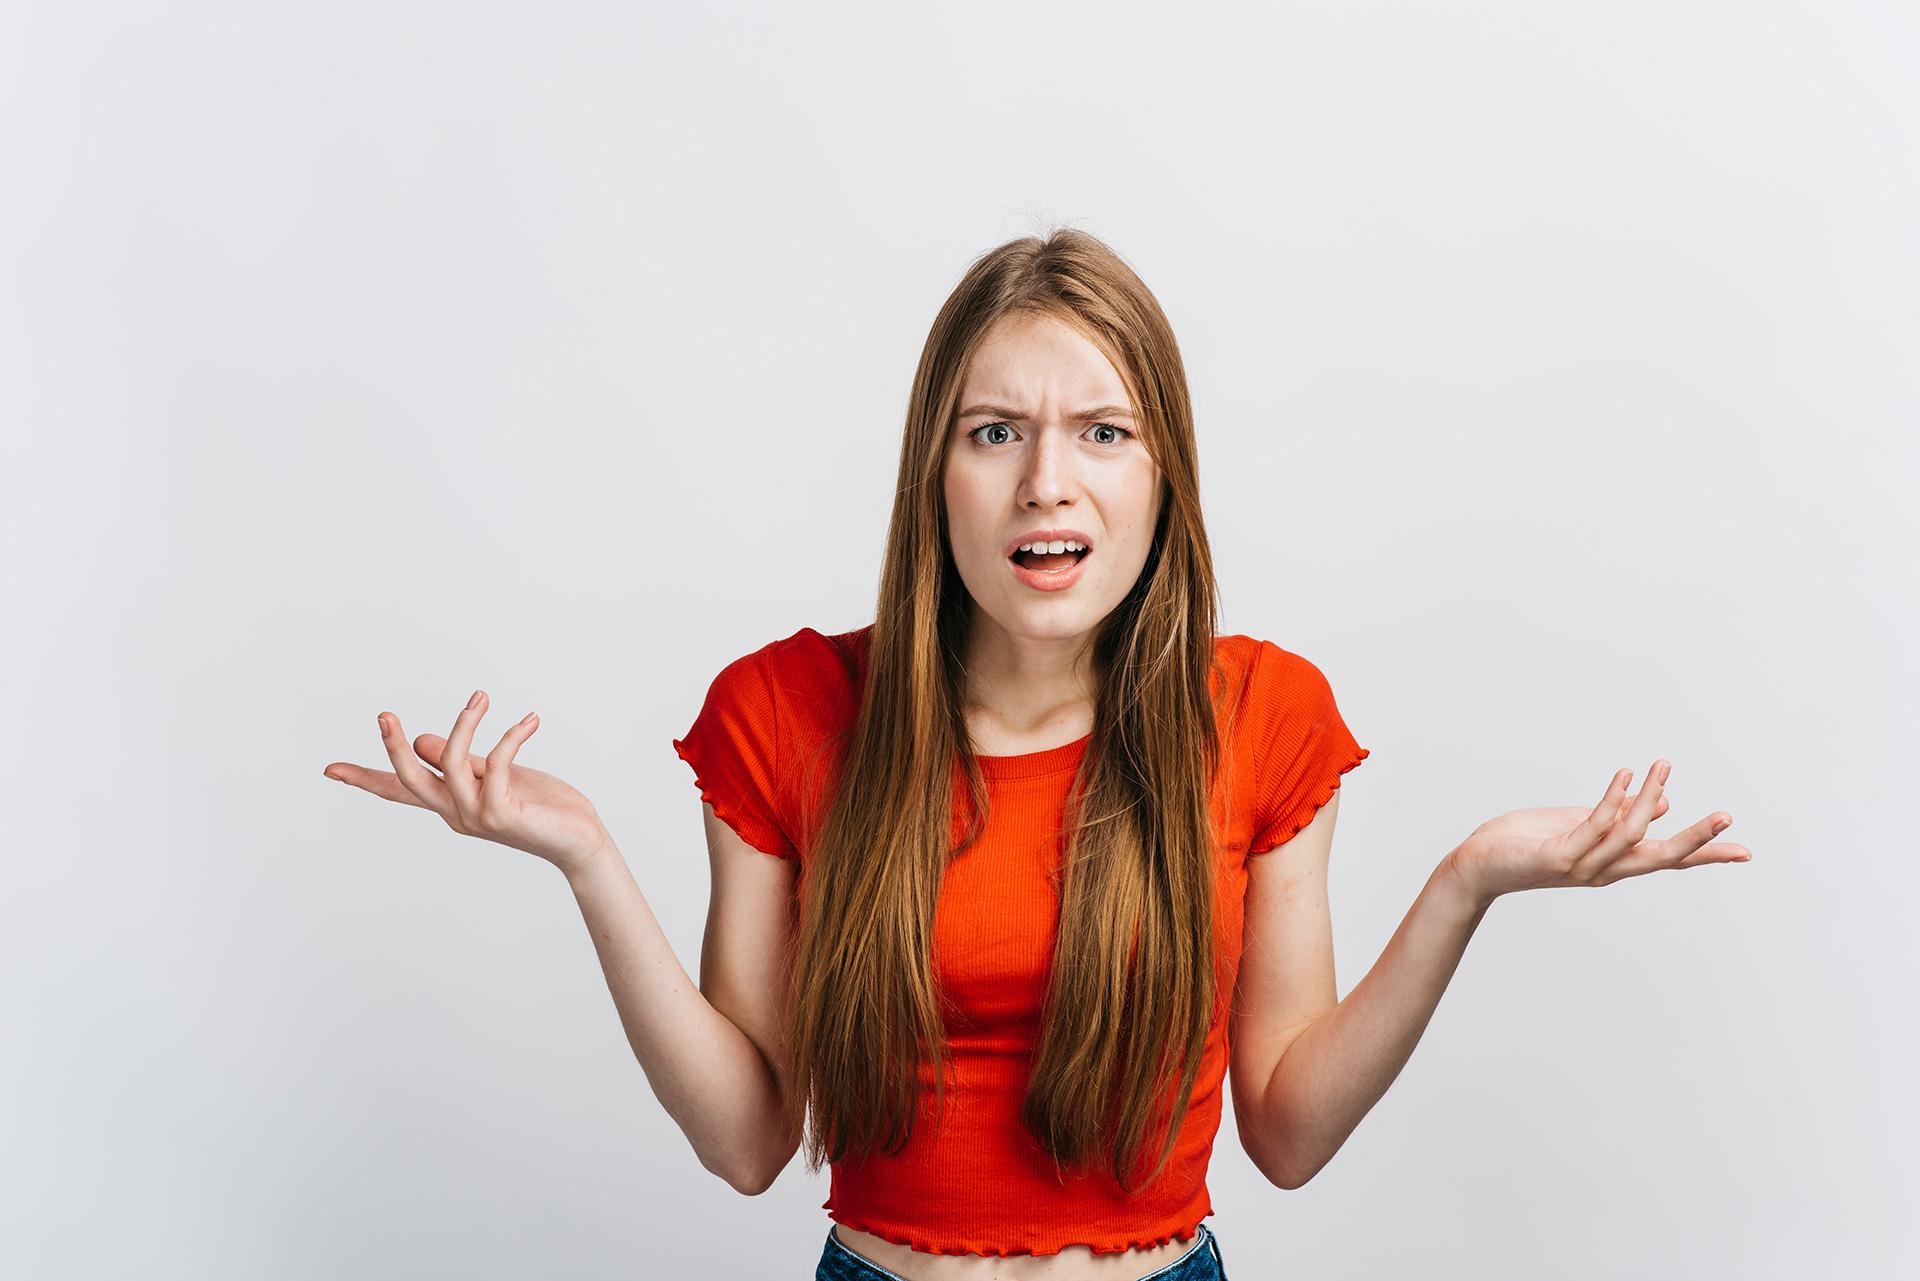 ¿Te resignas o lideras? Consigue una comunicación interna efectiva cuidando del bienestar de tus empleados